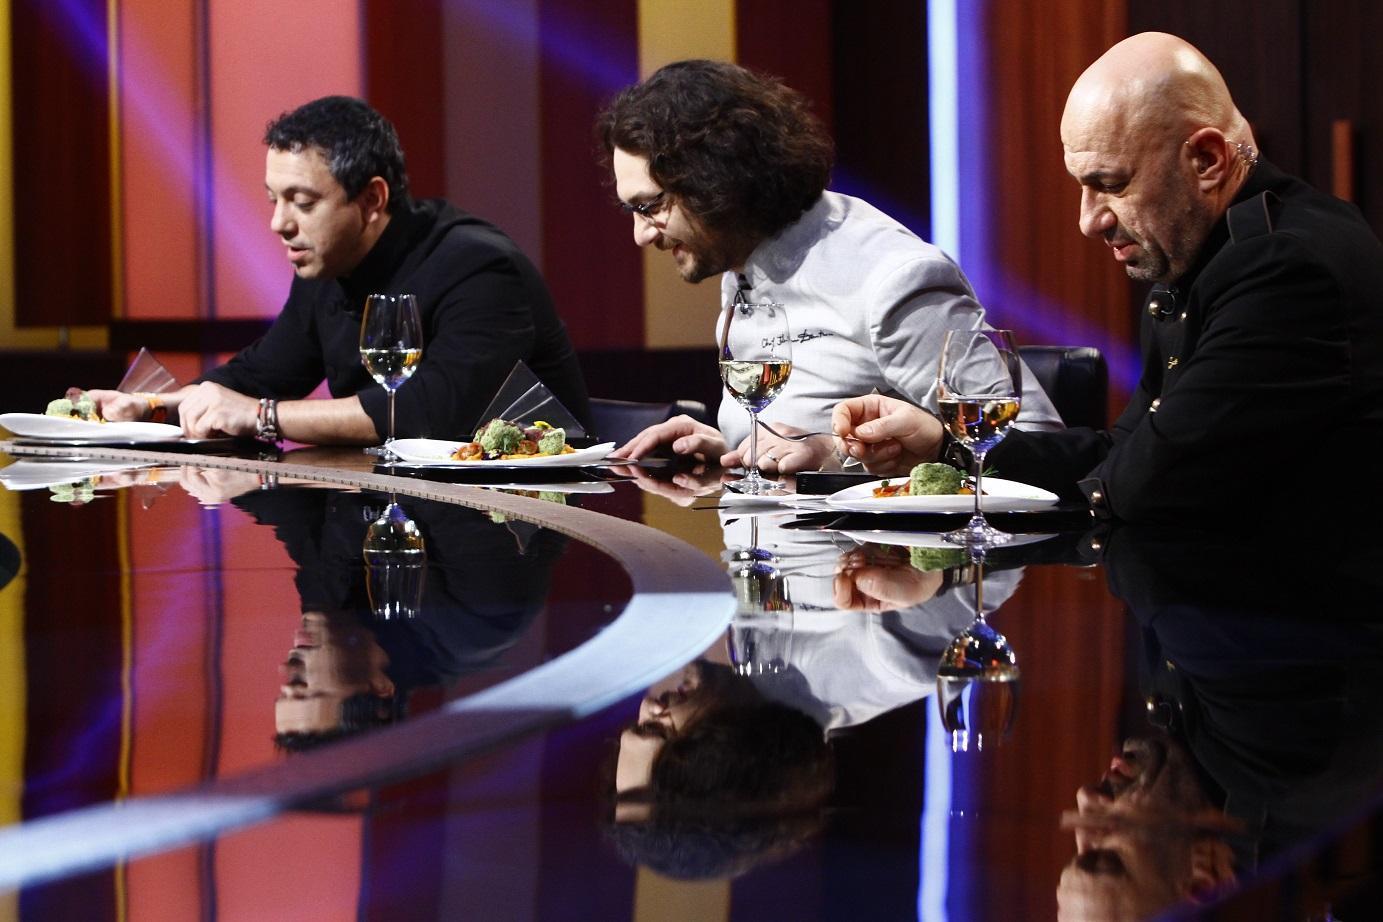 """Scărlătescu a primit inelul, o concurentă a ghicit în cărți de tarot și un puști de zece ani a făcut show, totul la """"Chefi la cuțite"""""""